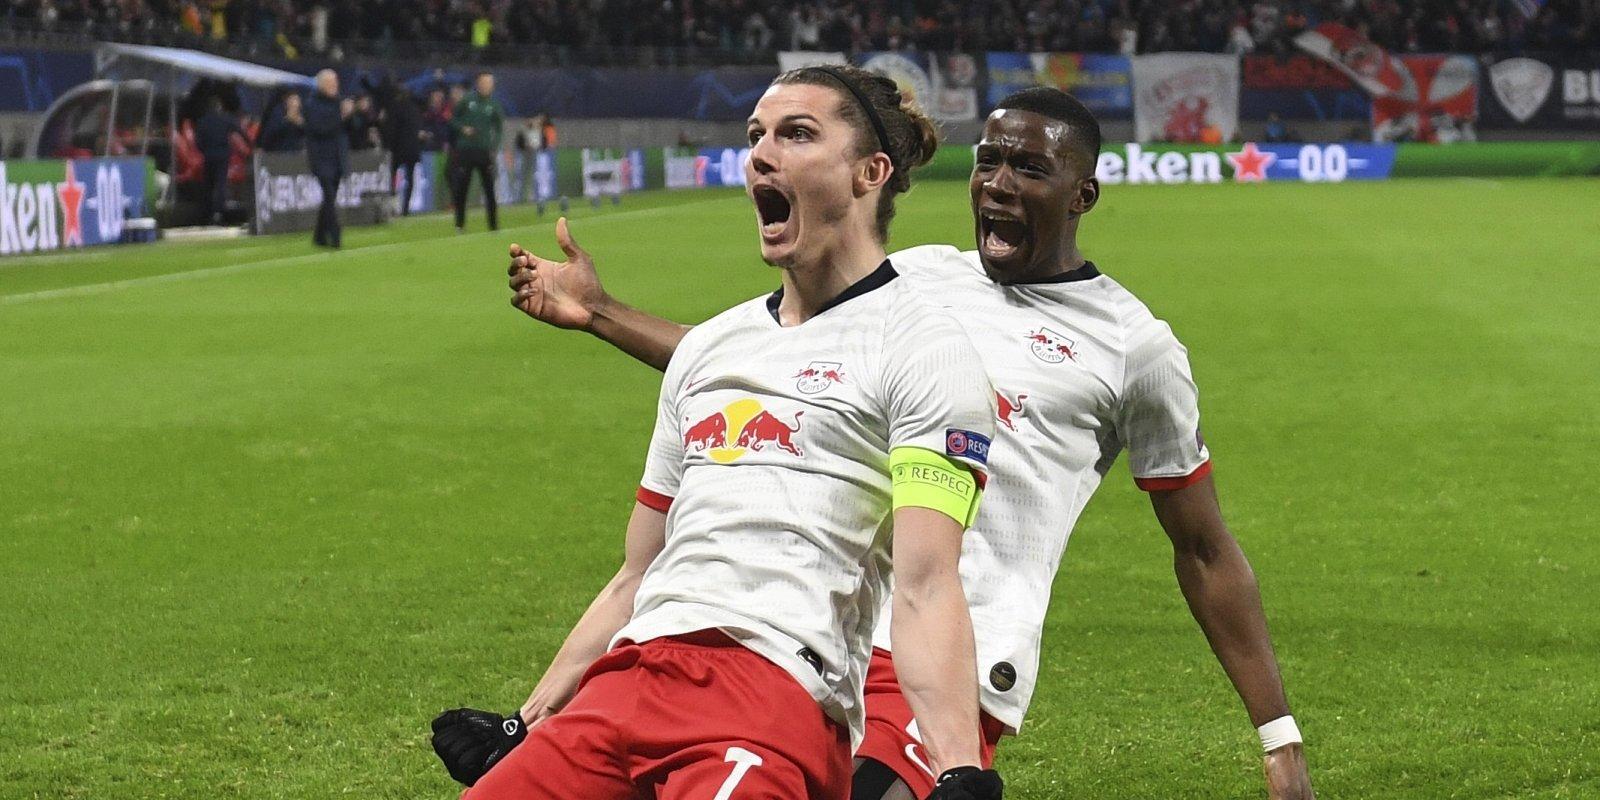 Noteikumu apiešana un talantu attīstīšana. 'RB Leipzig' straujais ceļš uz futbola virsotnēm